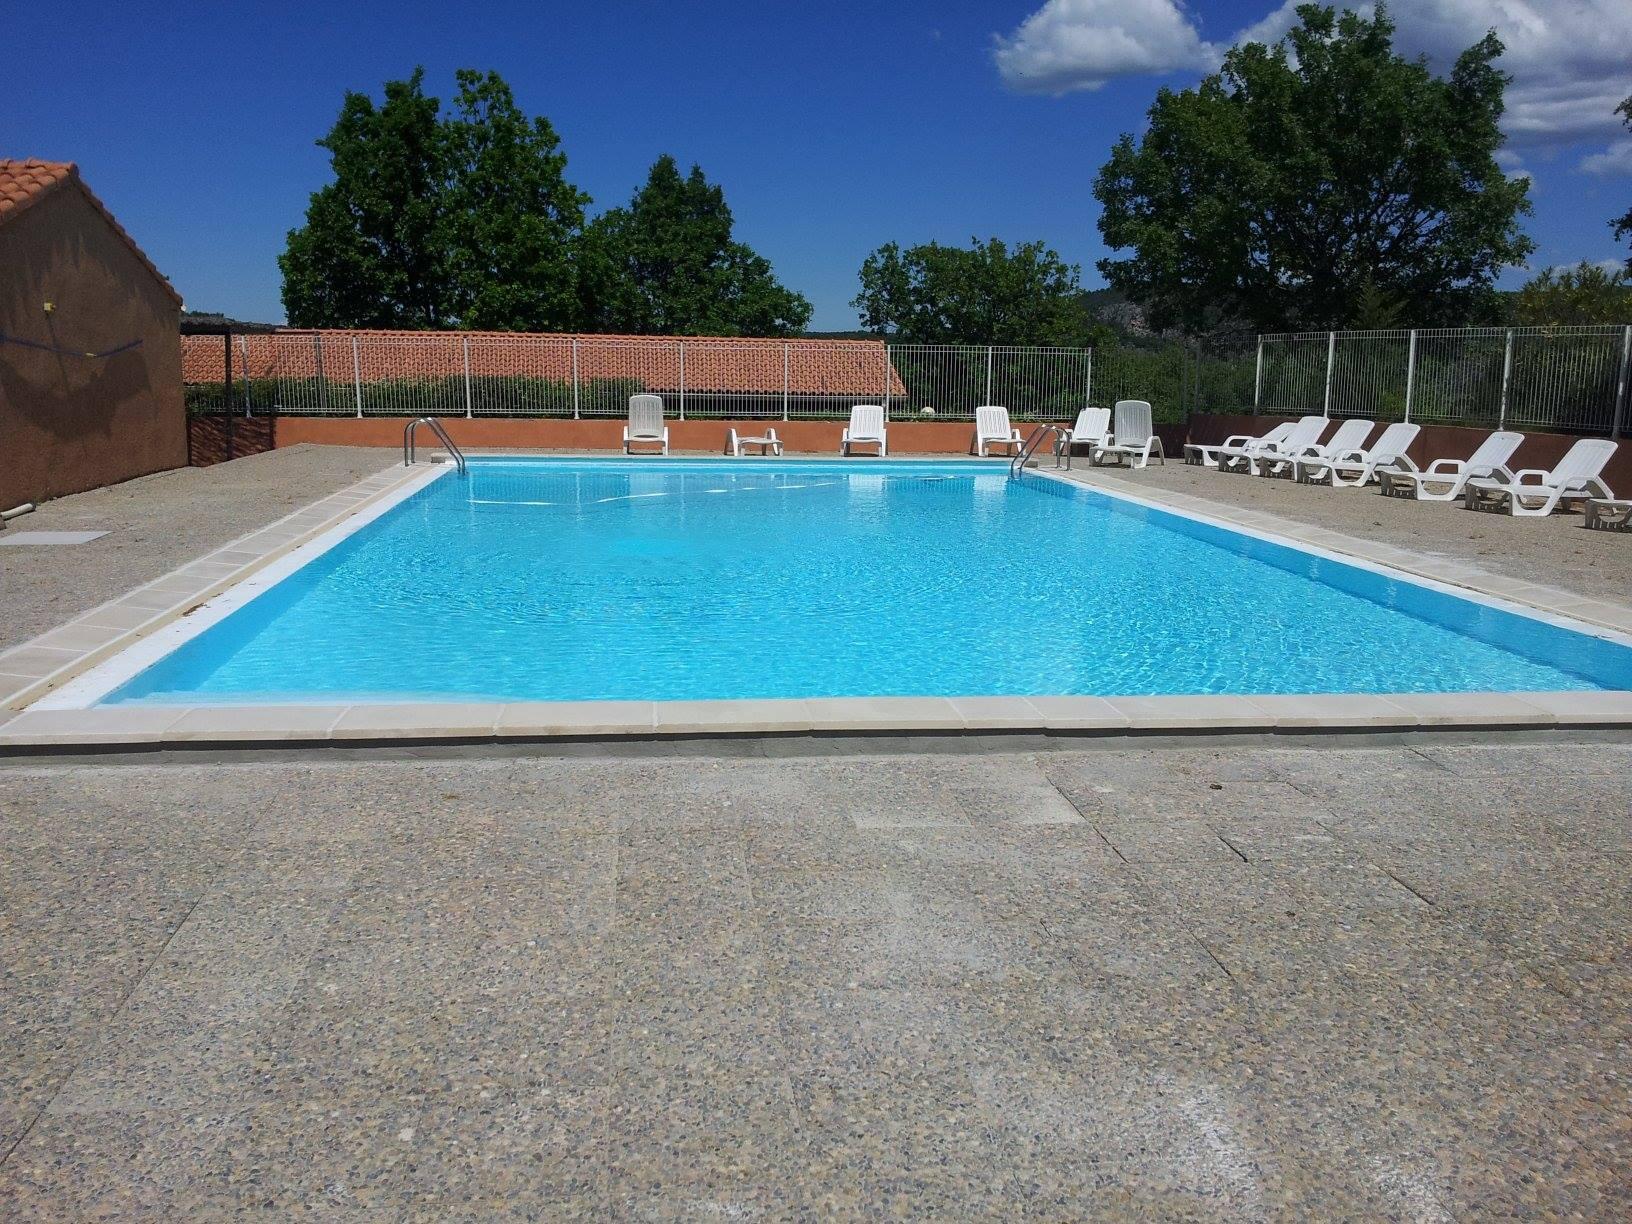 Camping lac du der avec piscine camping landes avec for Camping bourget du lac avec piscine